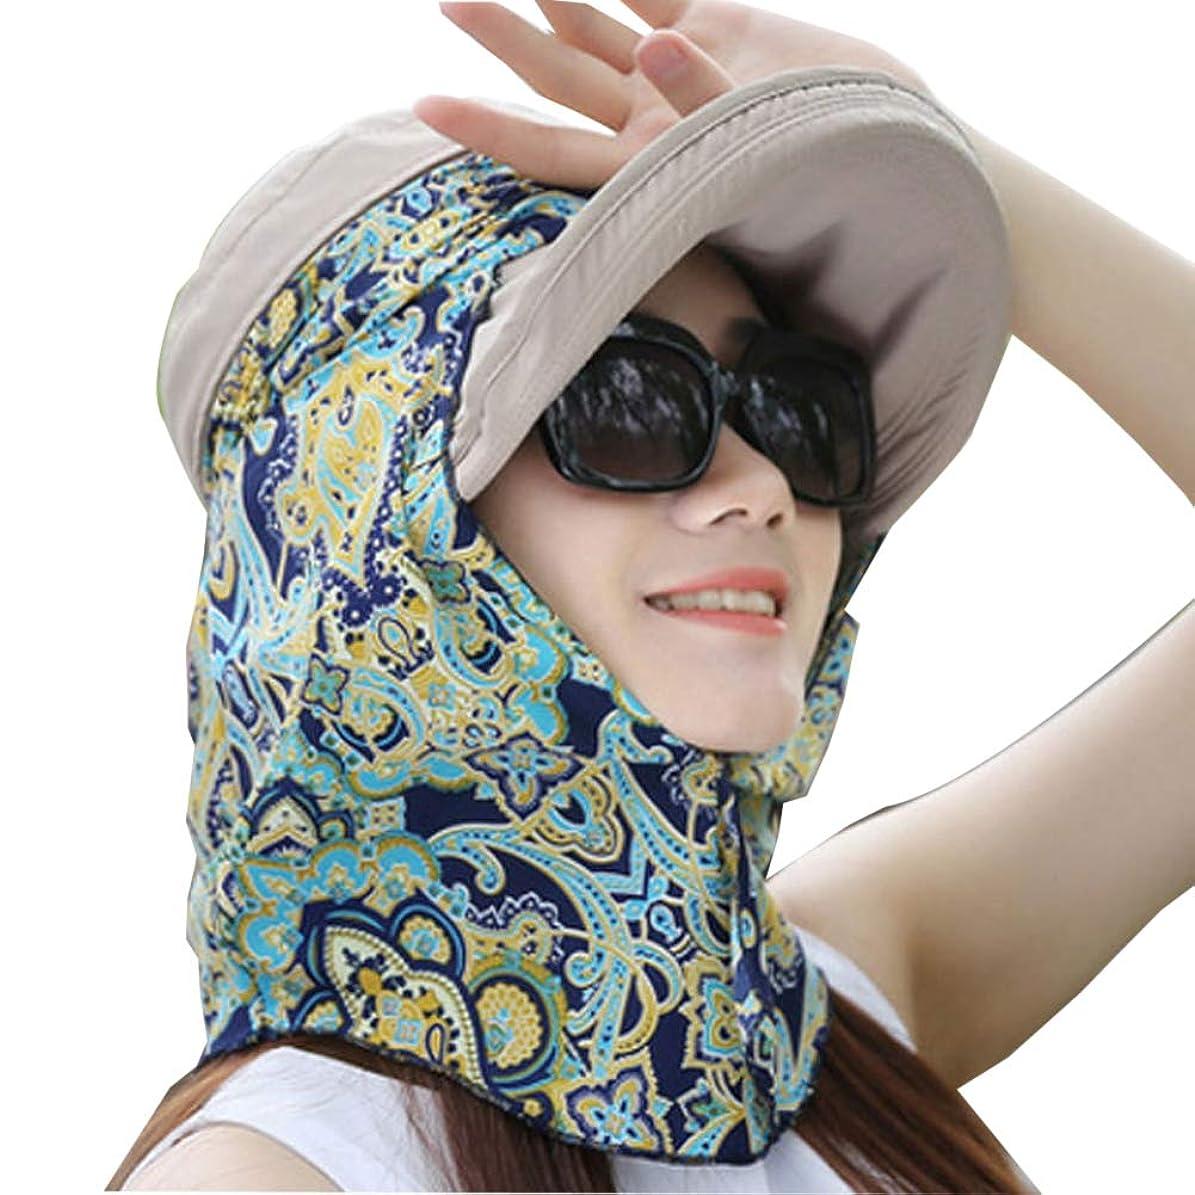 トロリーバス食事公平帽子 レディース 日よけ帽子 ビーチキャップ つば広 熱中症対策 通気性 春夏 おしゃれ 可愛い 小顔効果 6色